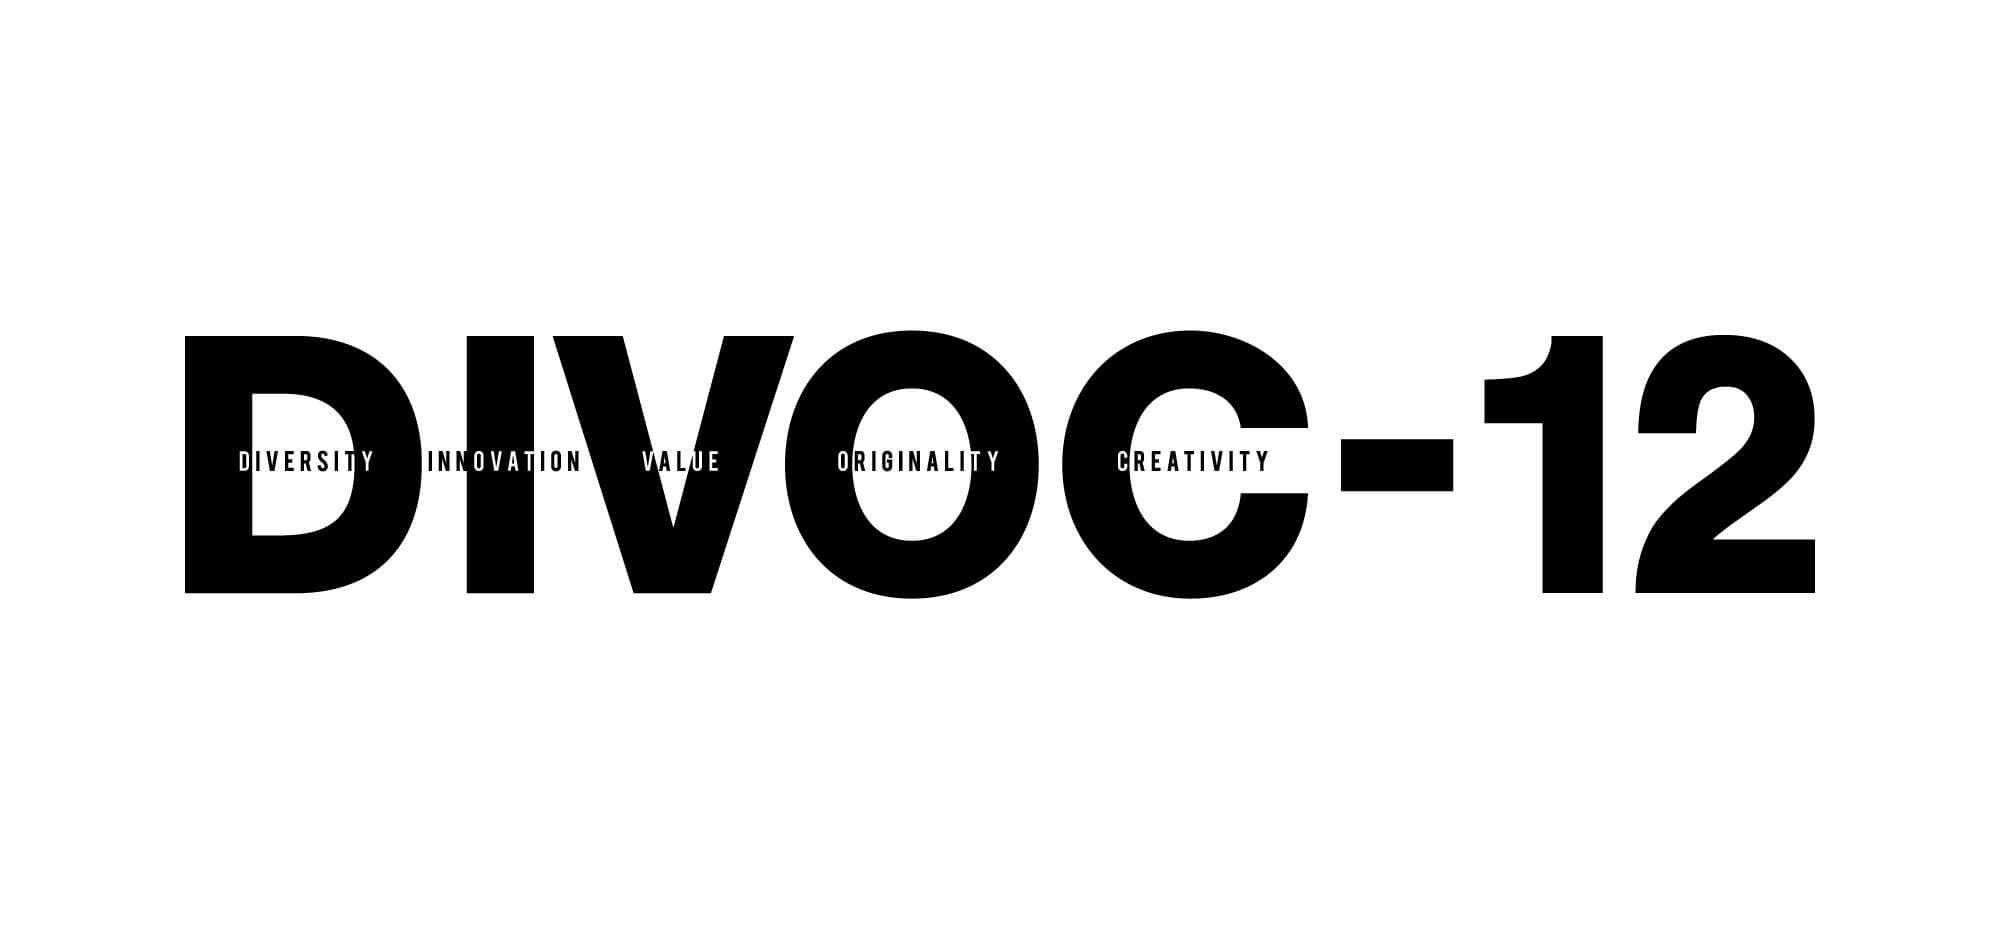 オーディション DIVOC-12 ふくだみゆき監督作品 オーディション 12人の映像監督と12本の短編映画を制作するプロジェクト 主催:株式会社and pictures、カテゴリ:映画